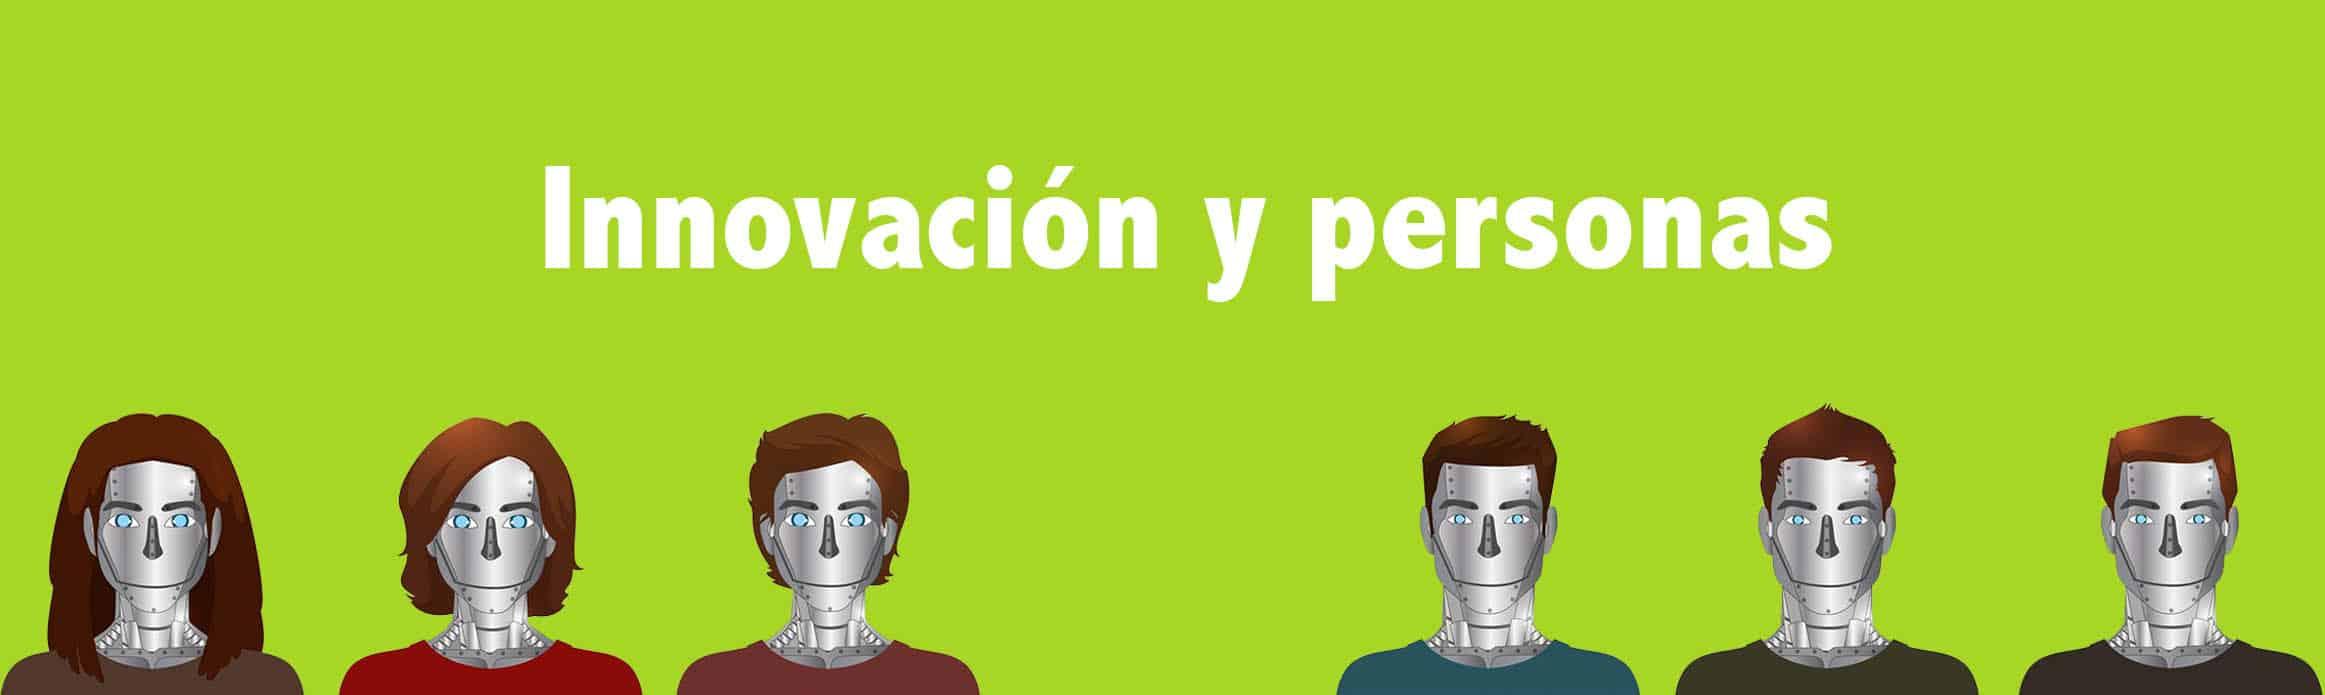 innovación personas